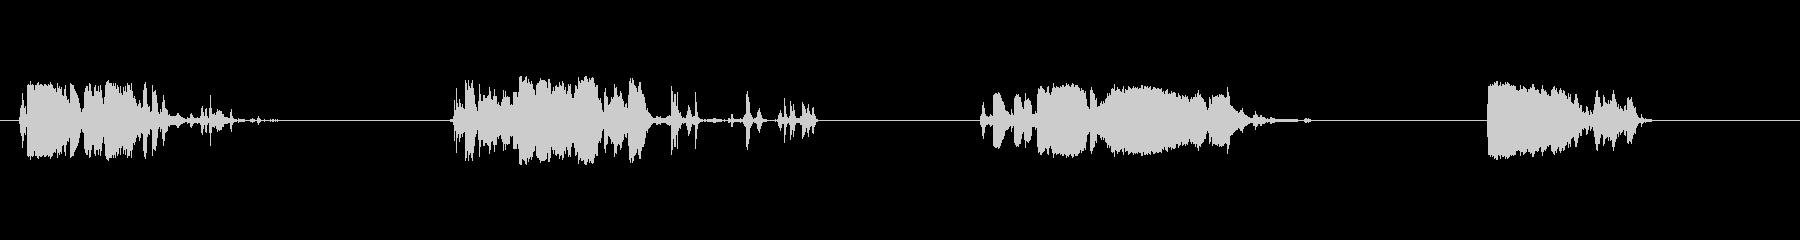 ショック-メタリックショックの未再生の波形